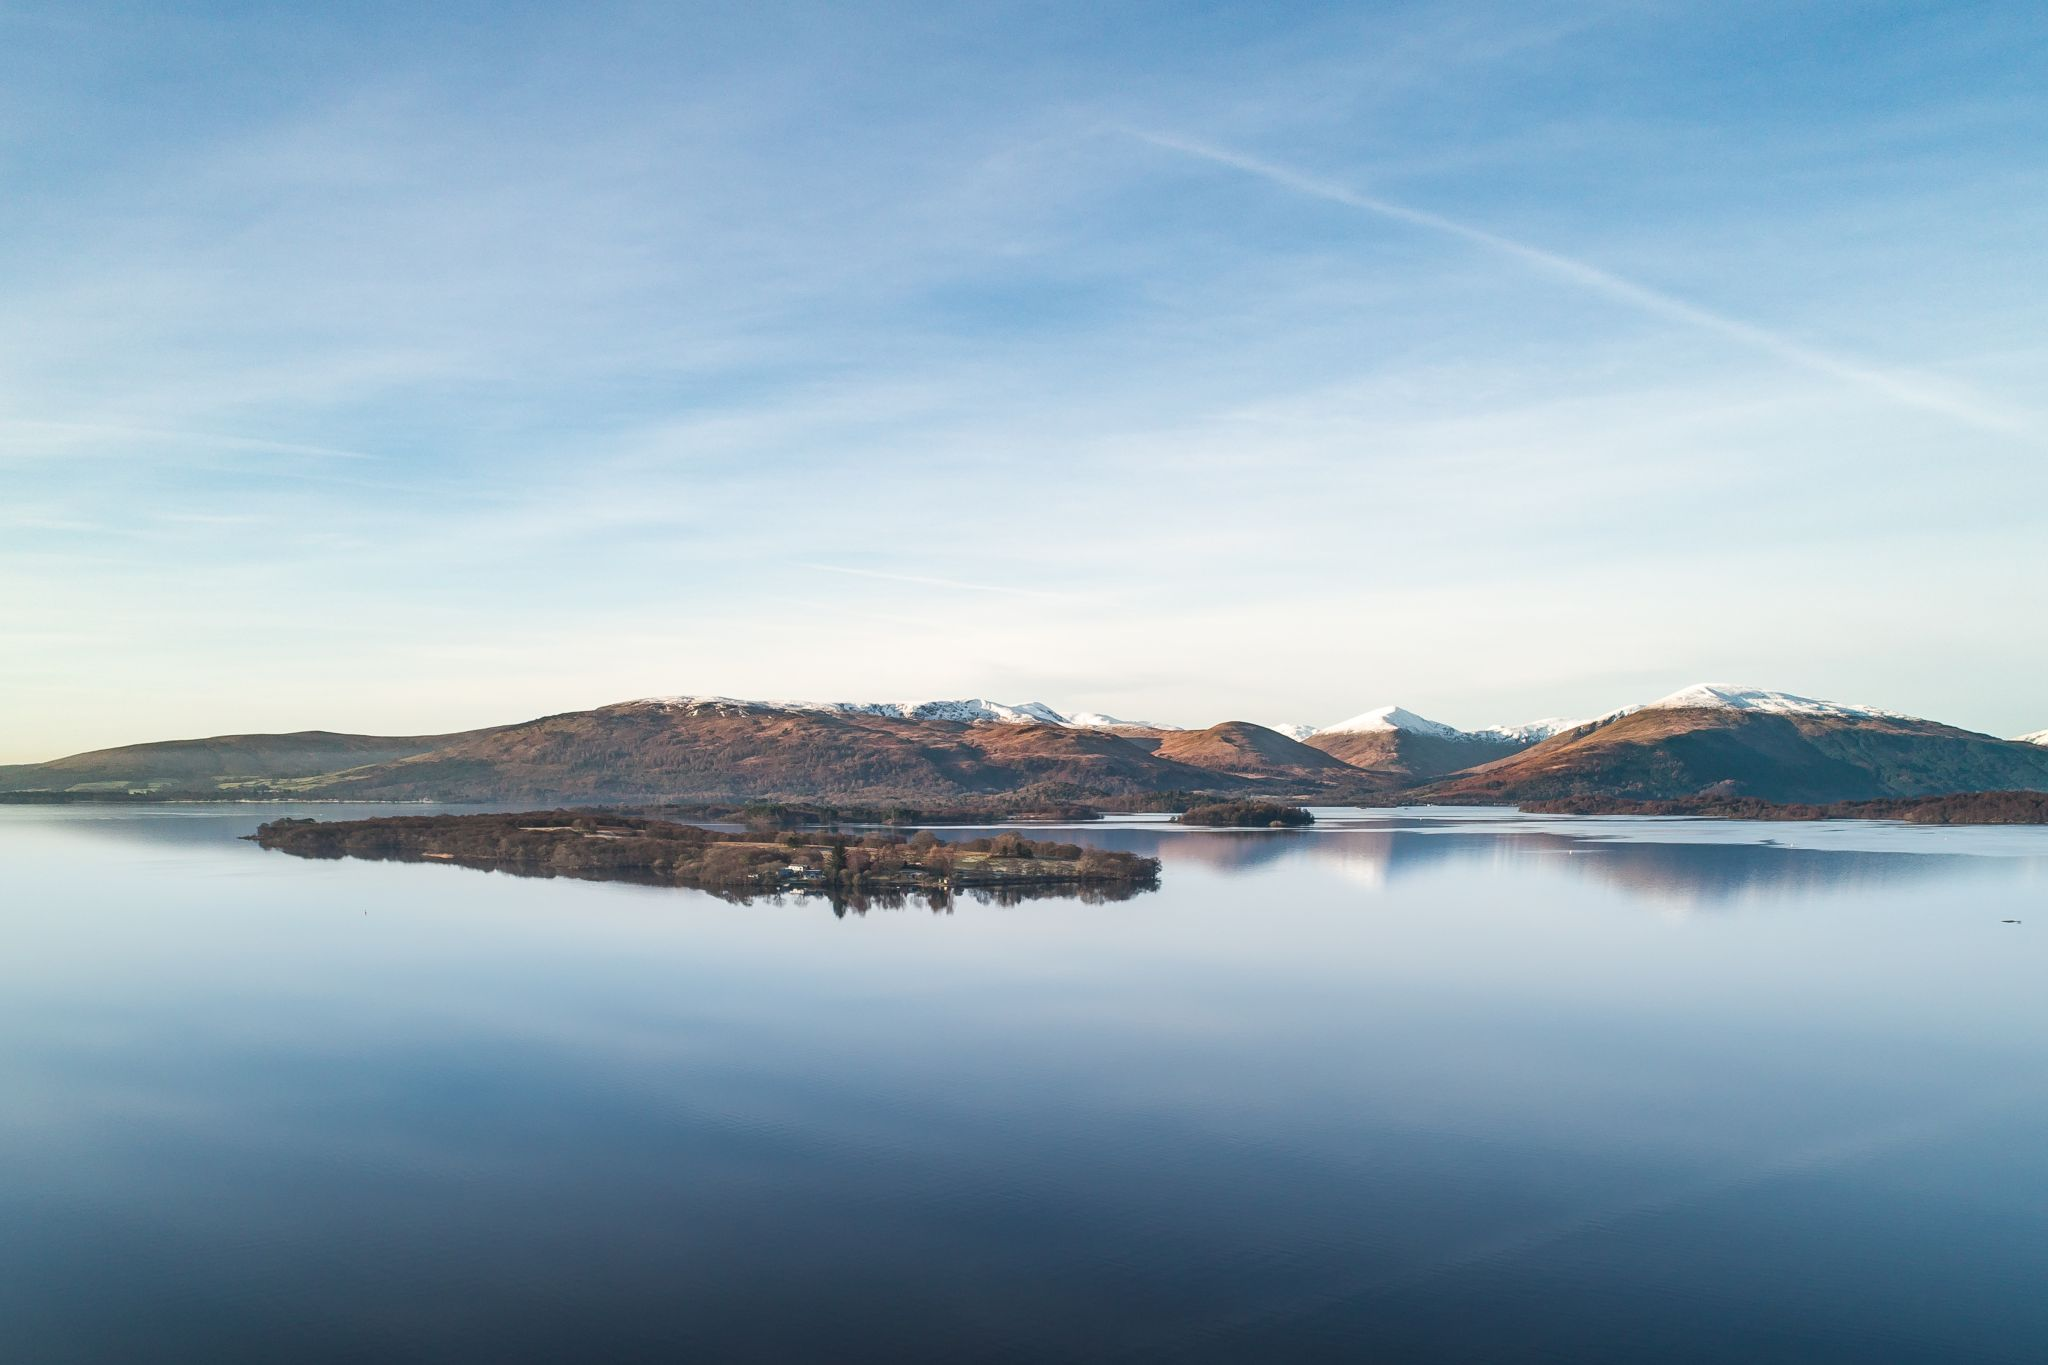 Loch Lomond, United Kingdom